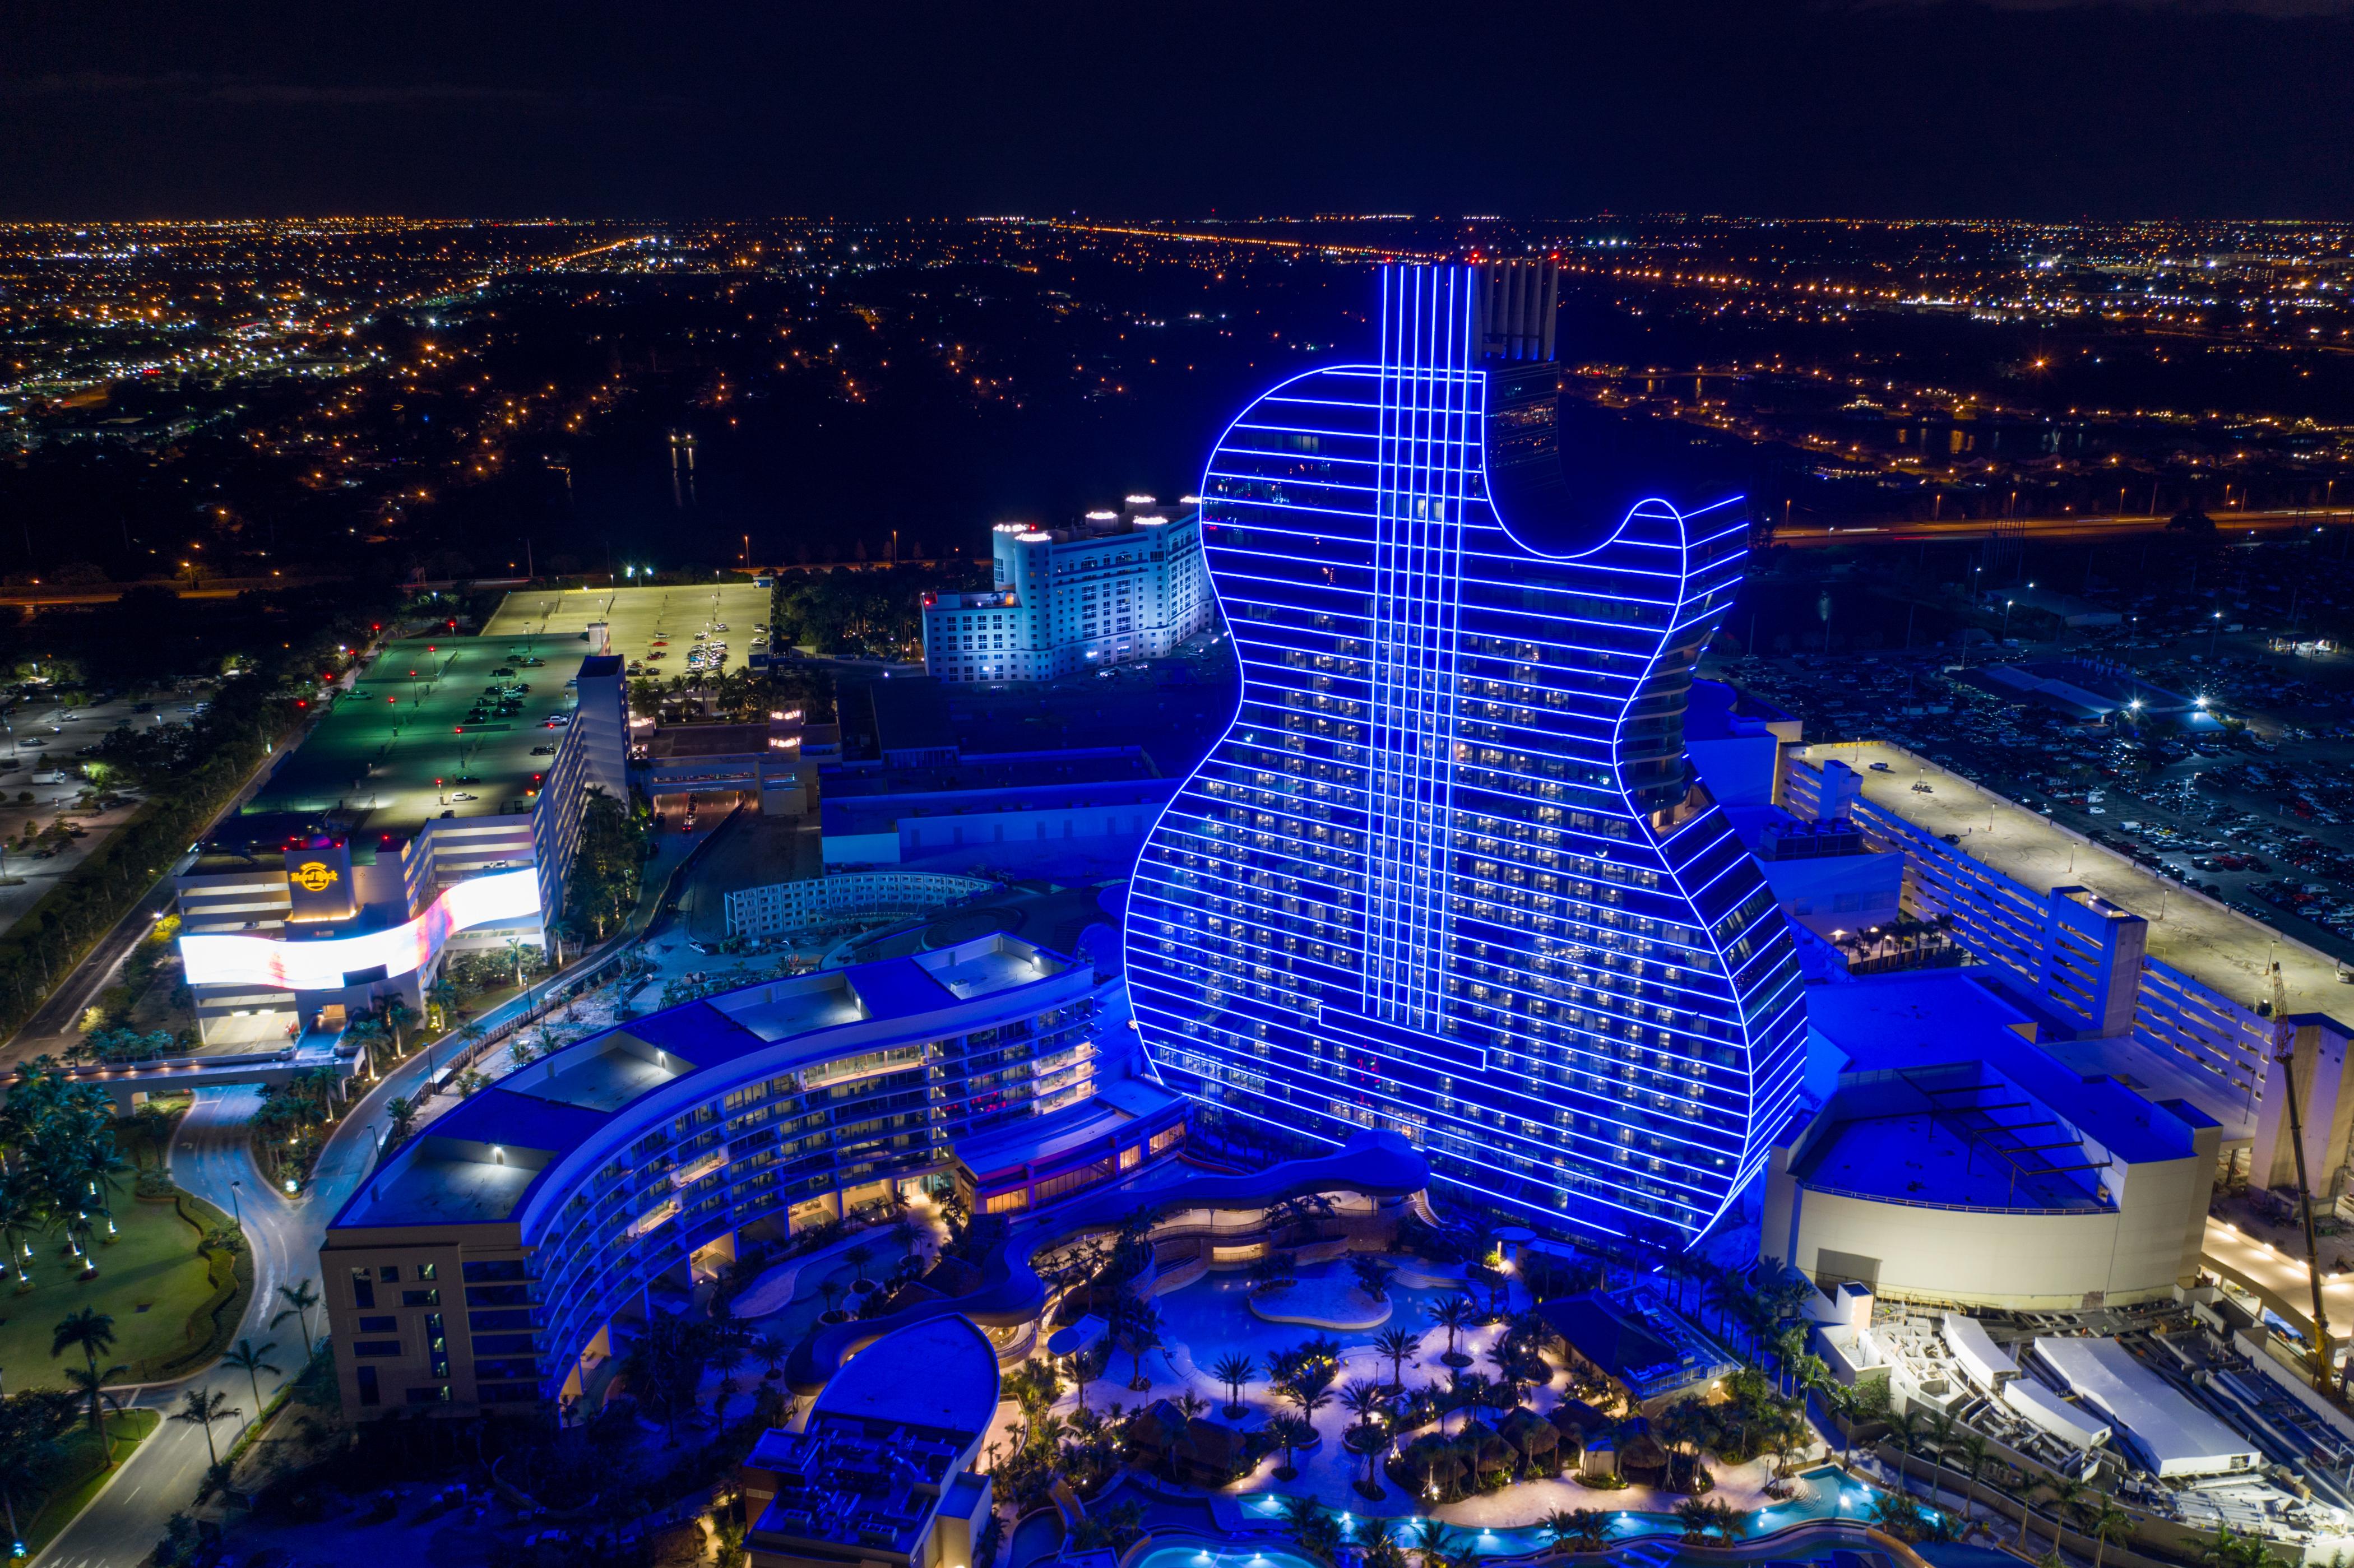 Luksuzni hotel u obliku džinovske rok gitar